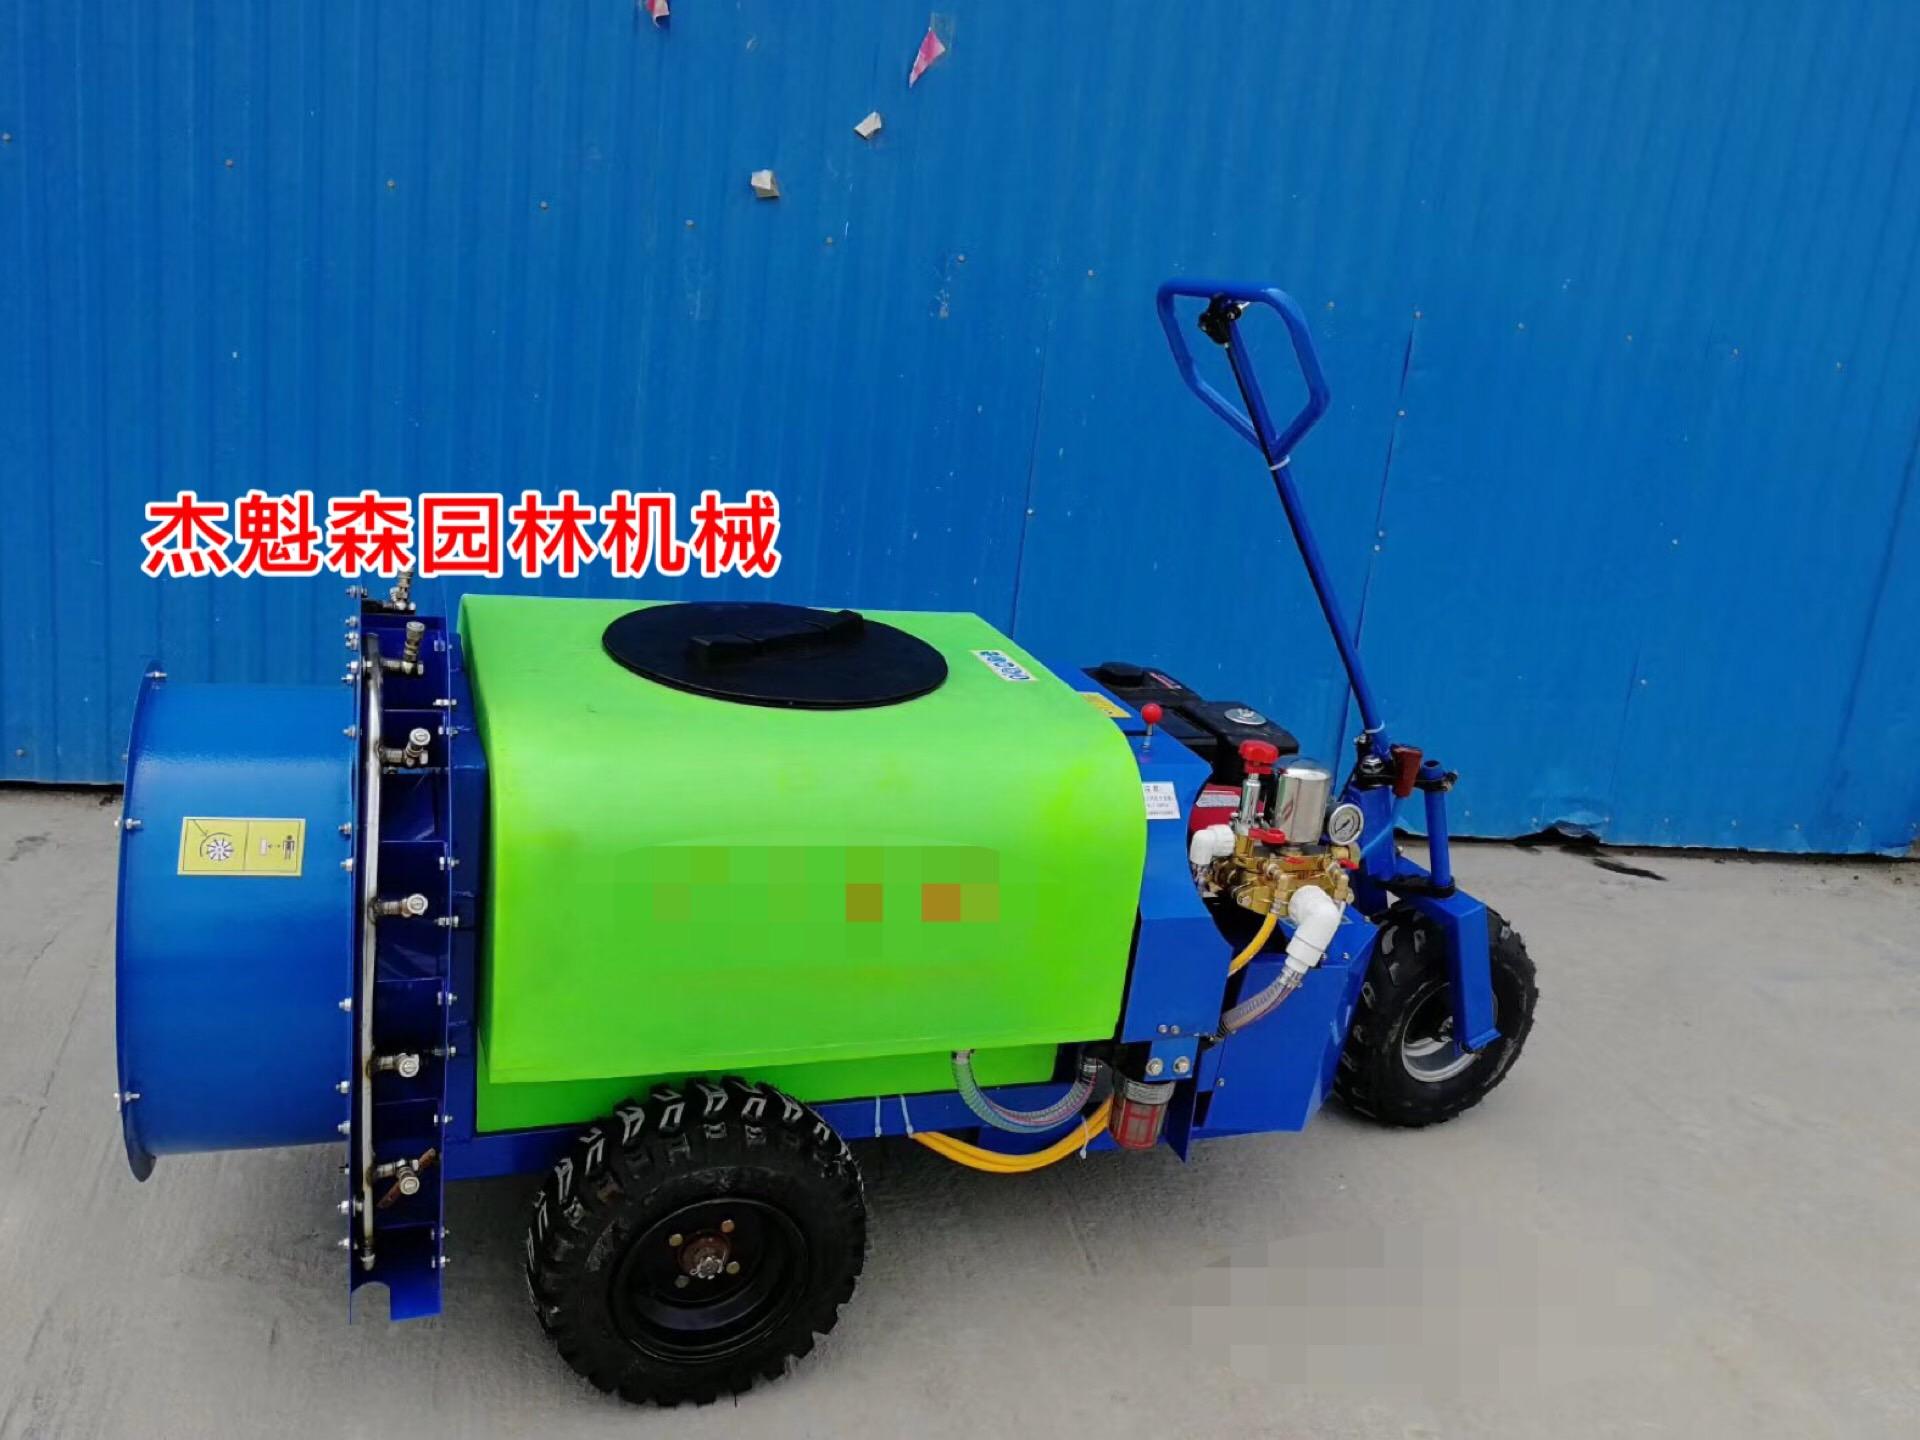 捍绿乘坐型果园打药机 农用三轮自走风送式打药机 HL园林喷雾器